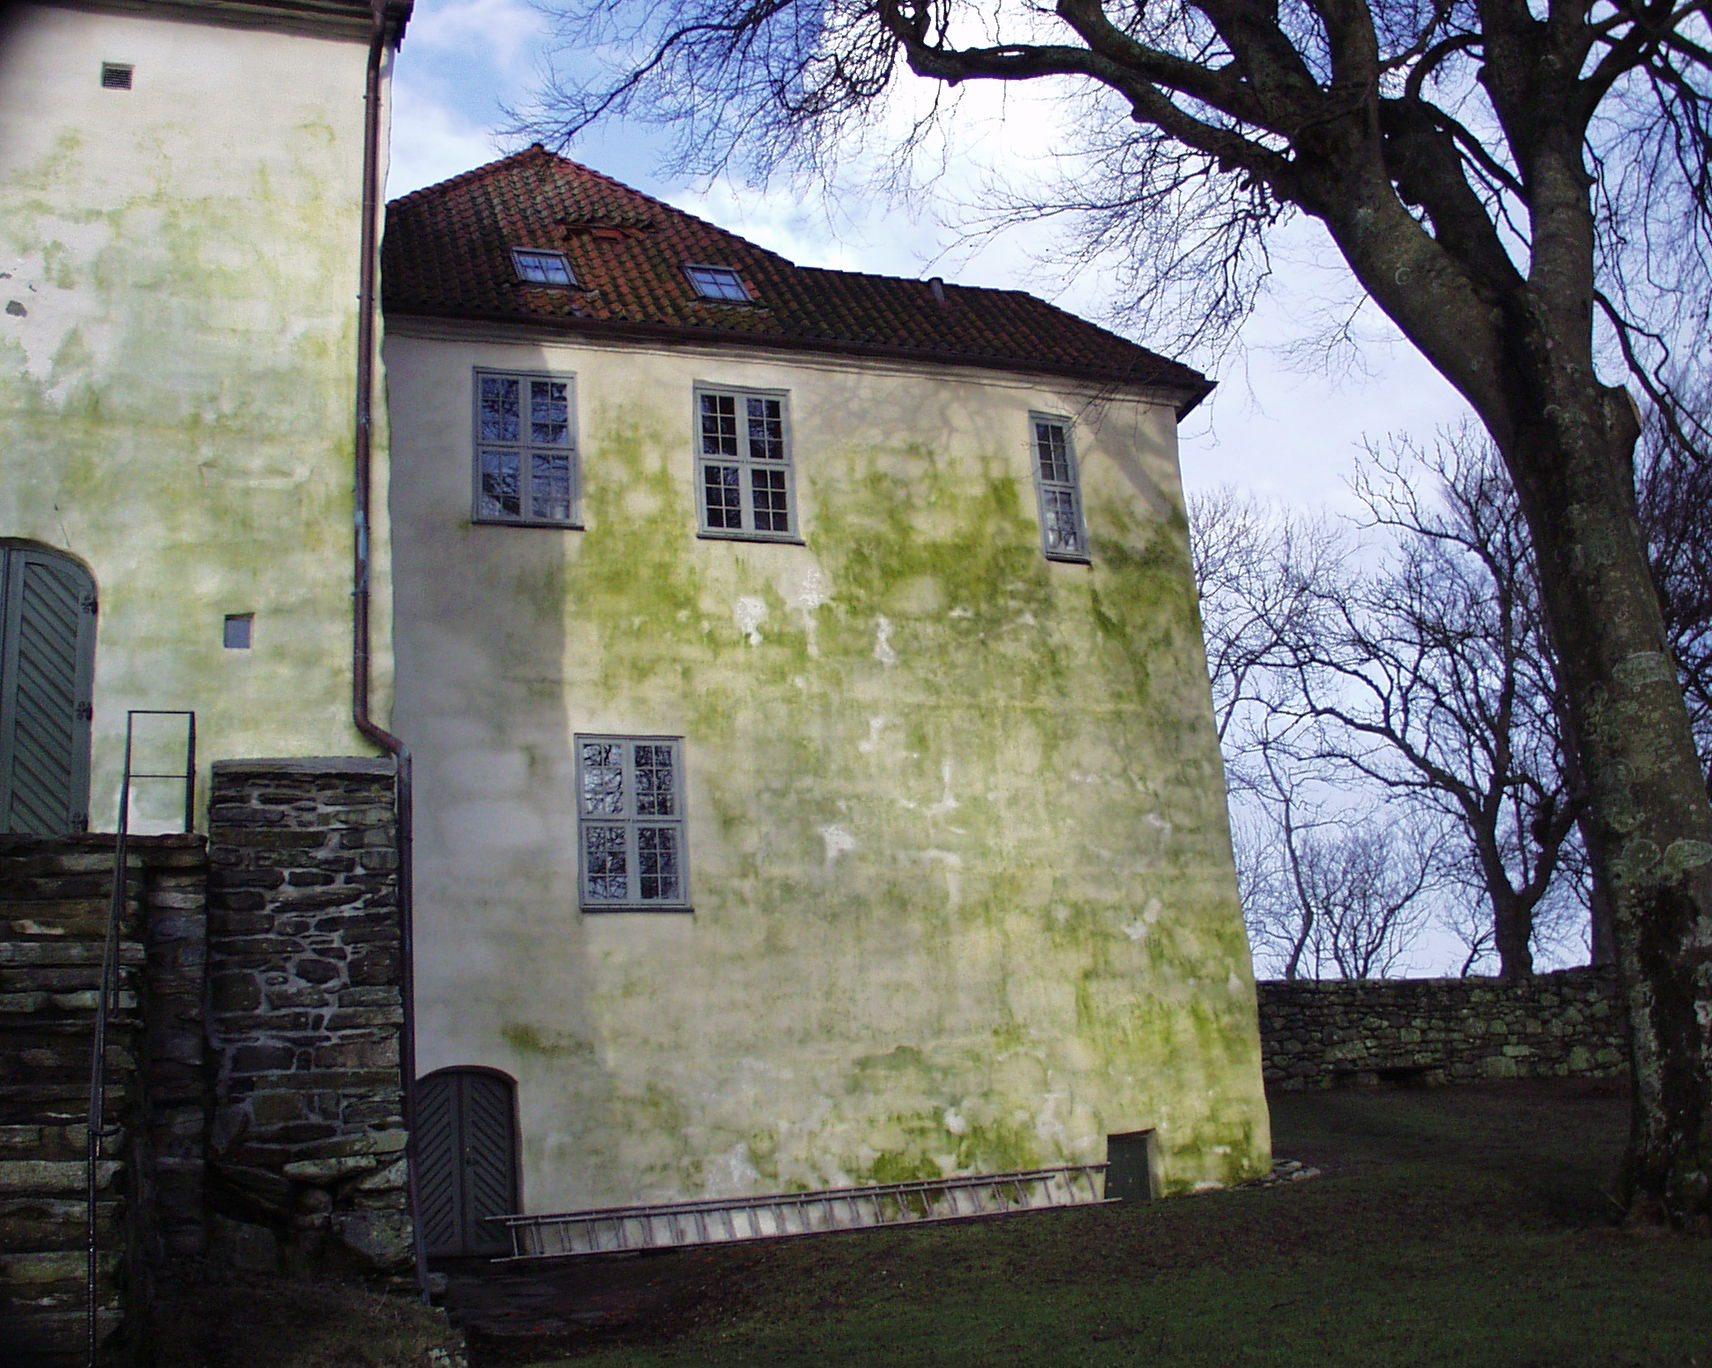 Økt vekst av grønske på fasader som stadig fuktes ned er et økende problem. Utstein kloster Rennesøy kommune. Foto Johan Matsson / Mycoteam